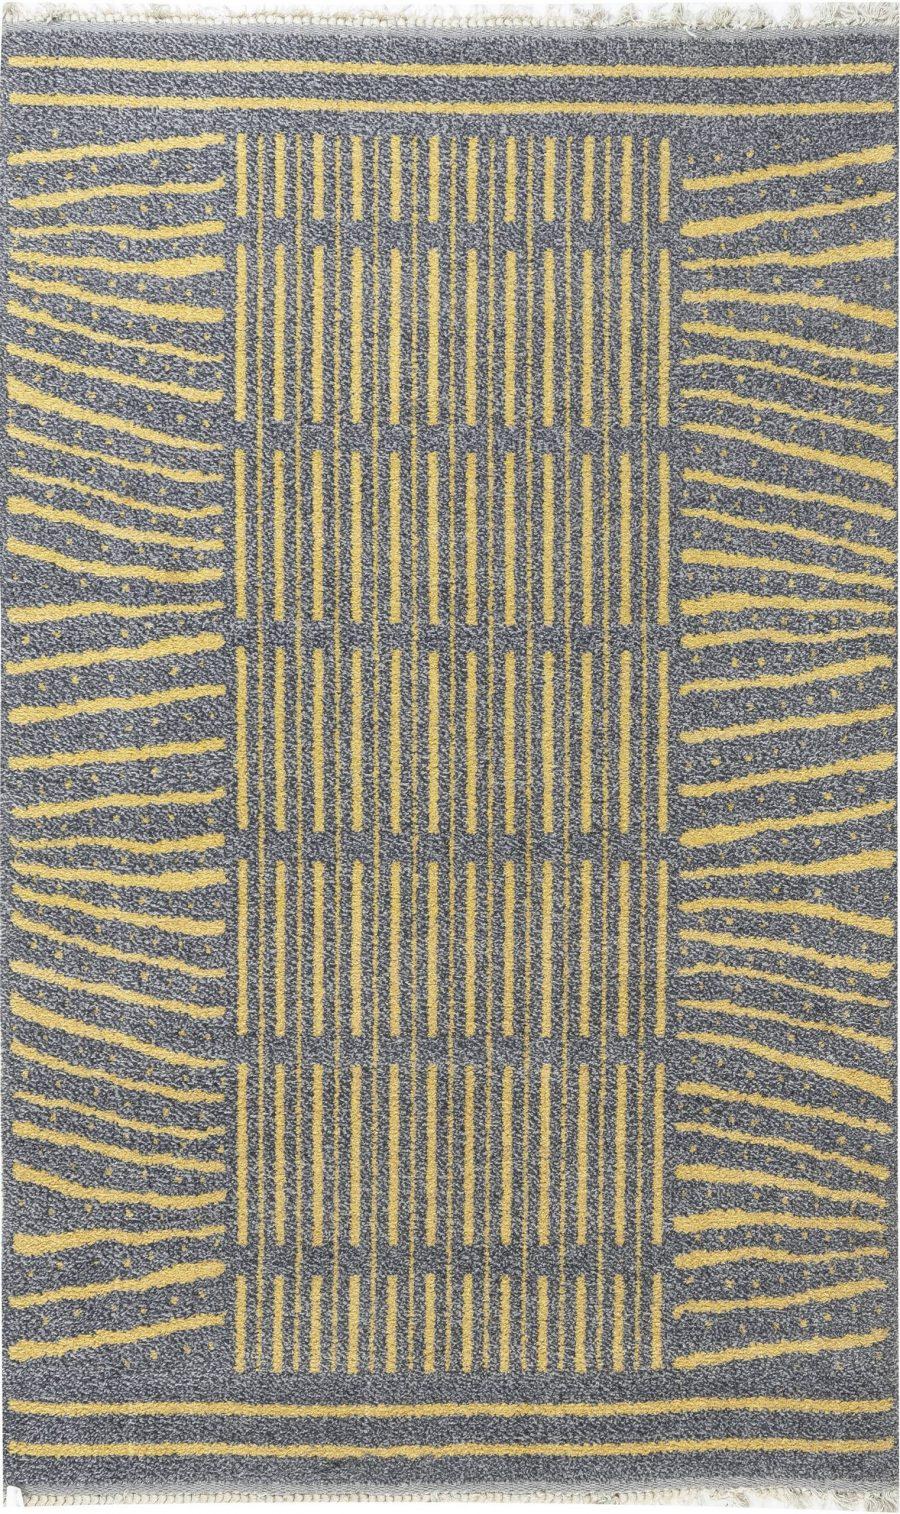 Vintage Swedish Double Piled Rug In 2020 Rugs Vintage Carpet Scandinavian Area Rugs